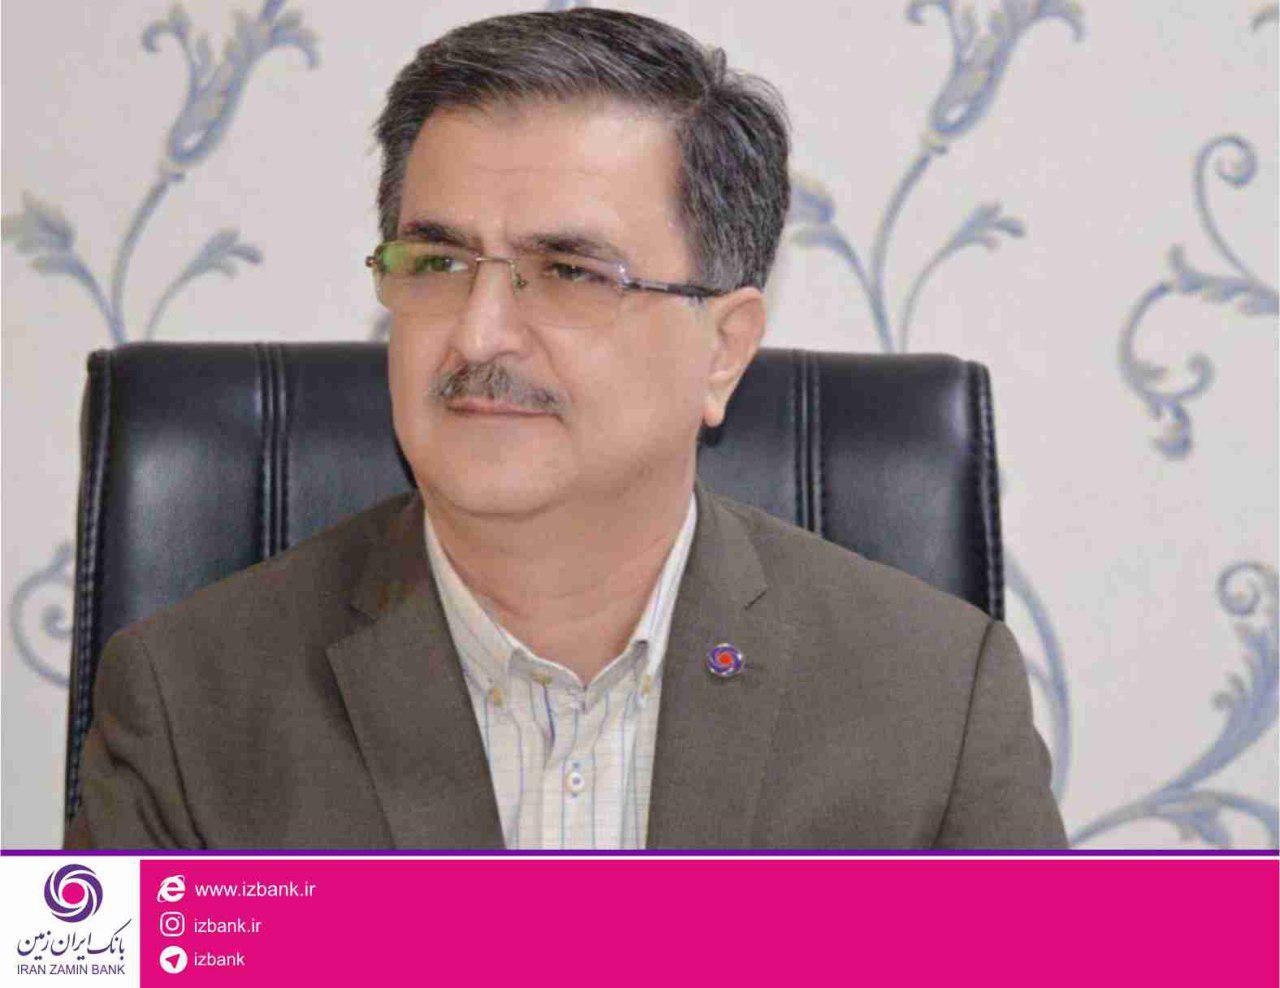 انتصاب مدیر امور پشتیبانی و مهندسی بانک ایران زمین